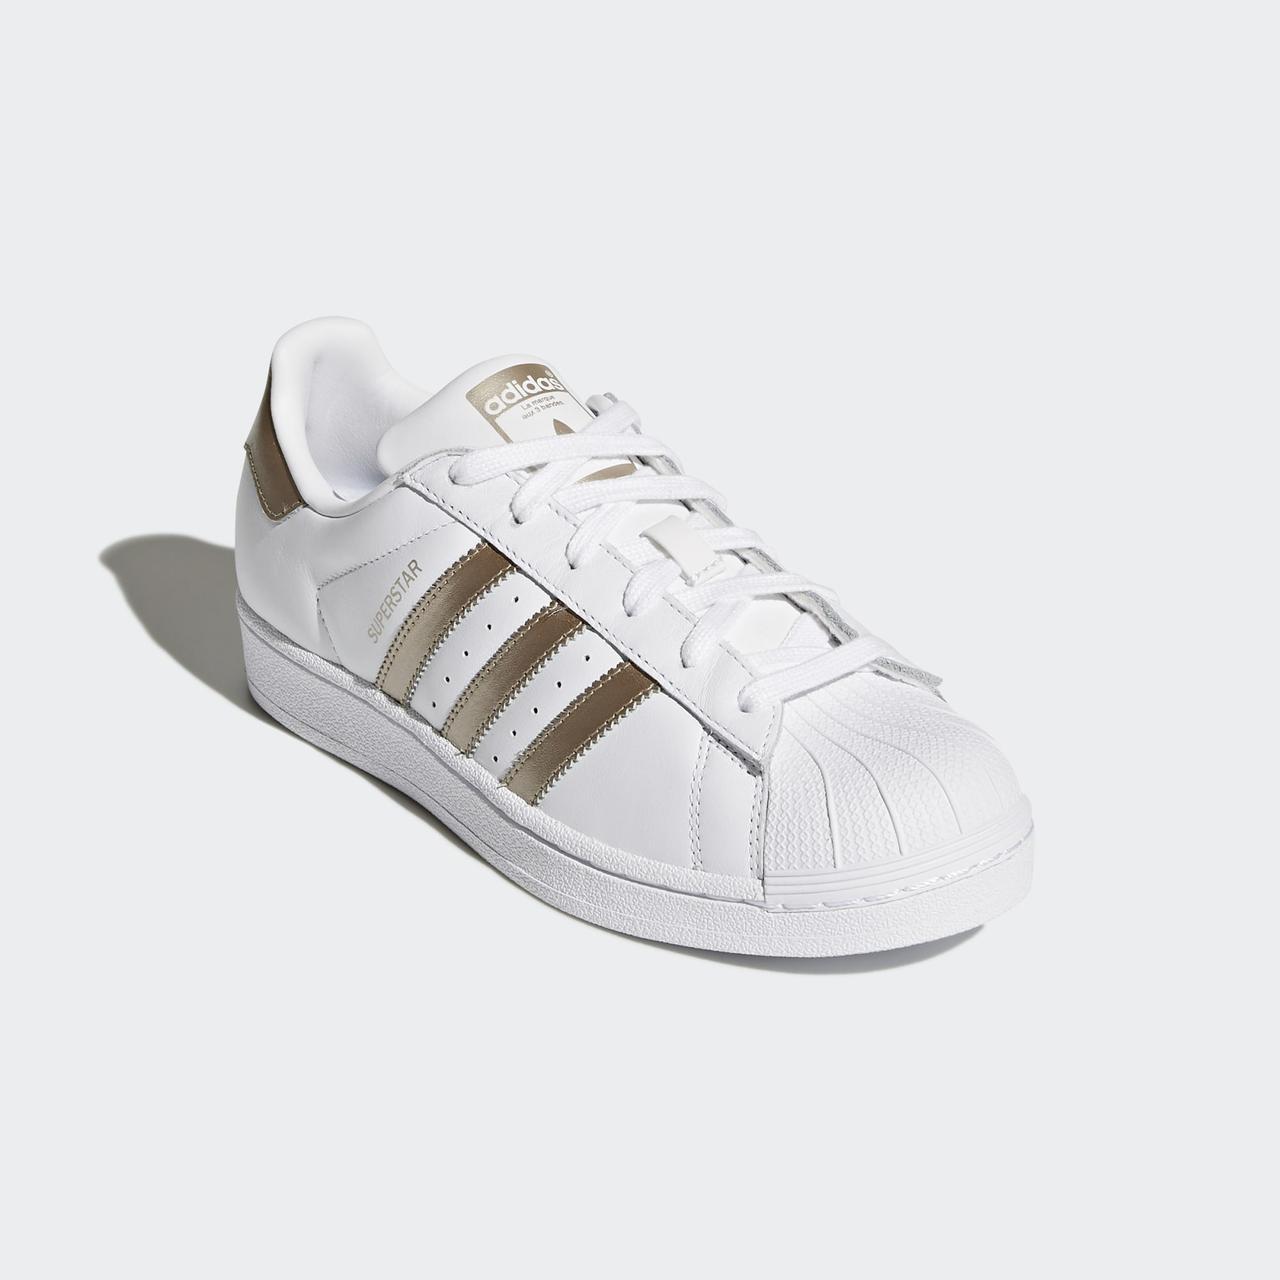 Adidas Originals Superstar Cyber Metallic CG5463 оригінальні жіночі білі кросівки